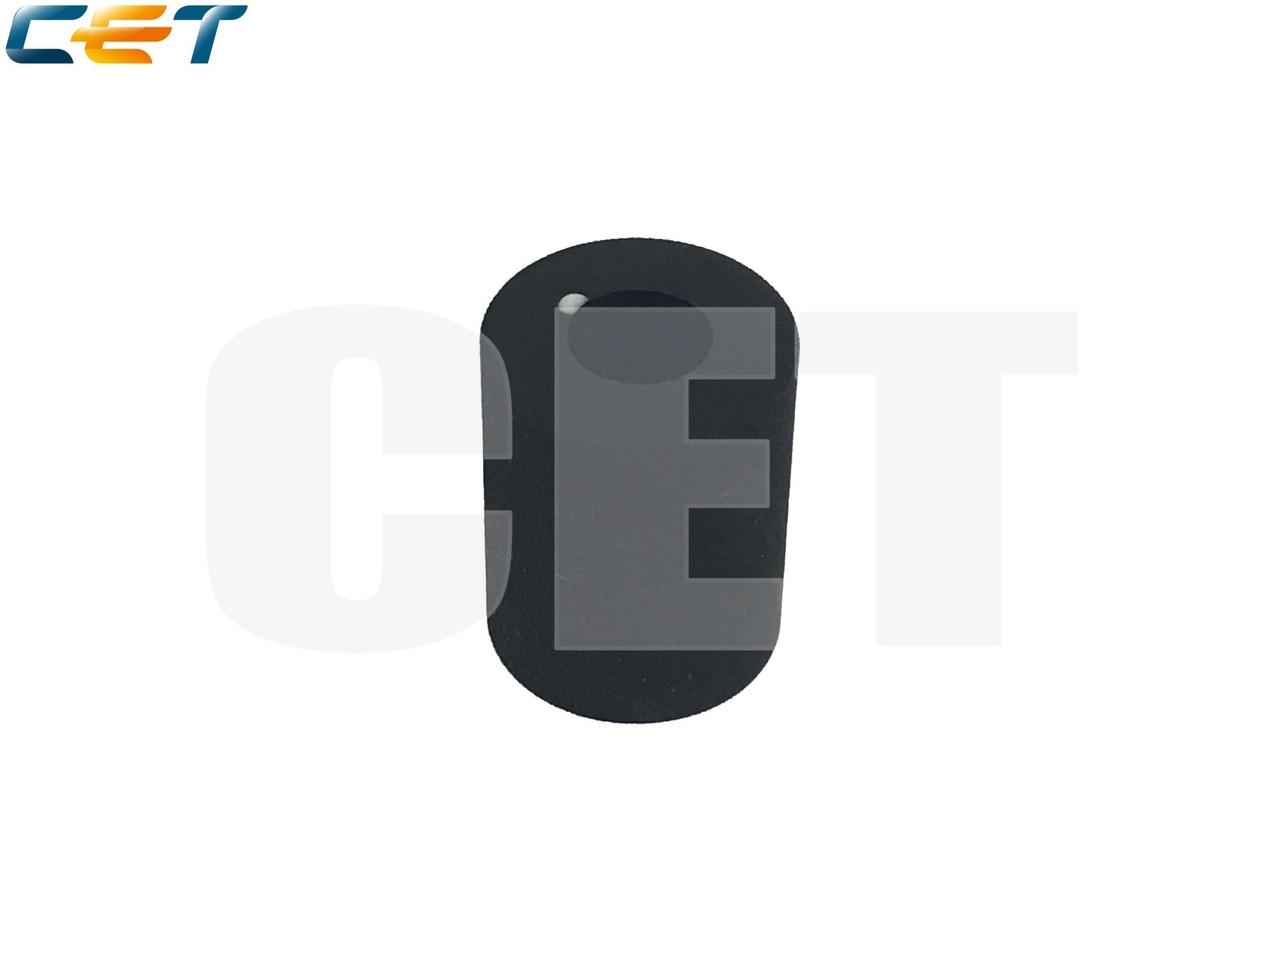 Резинка ролика отделения 2F909171 для KYOCERAFS-2000D/3900DN/4000DN/3920DN/4020DN (CET), CET4322PT